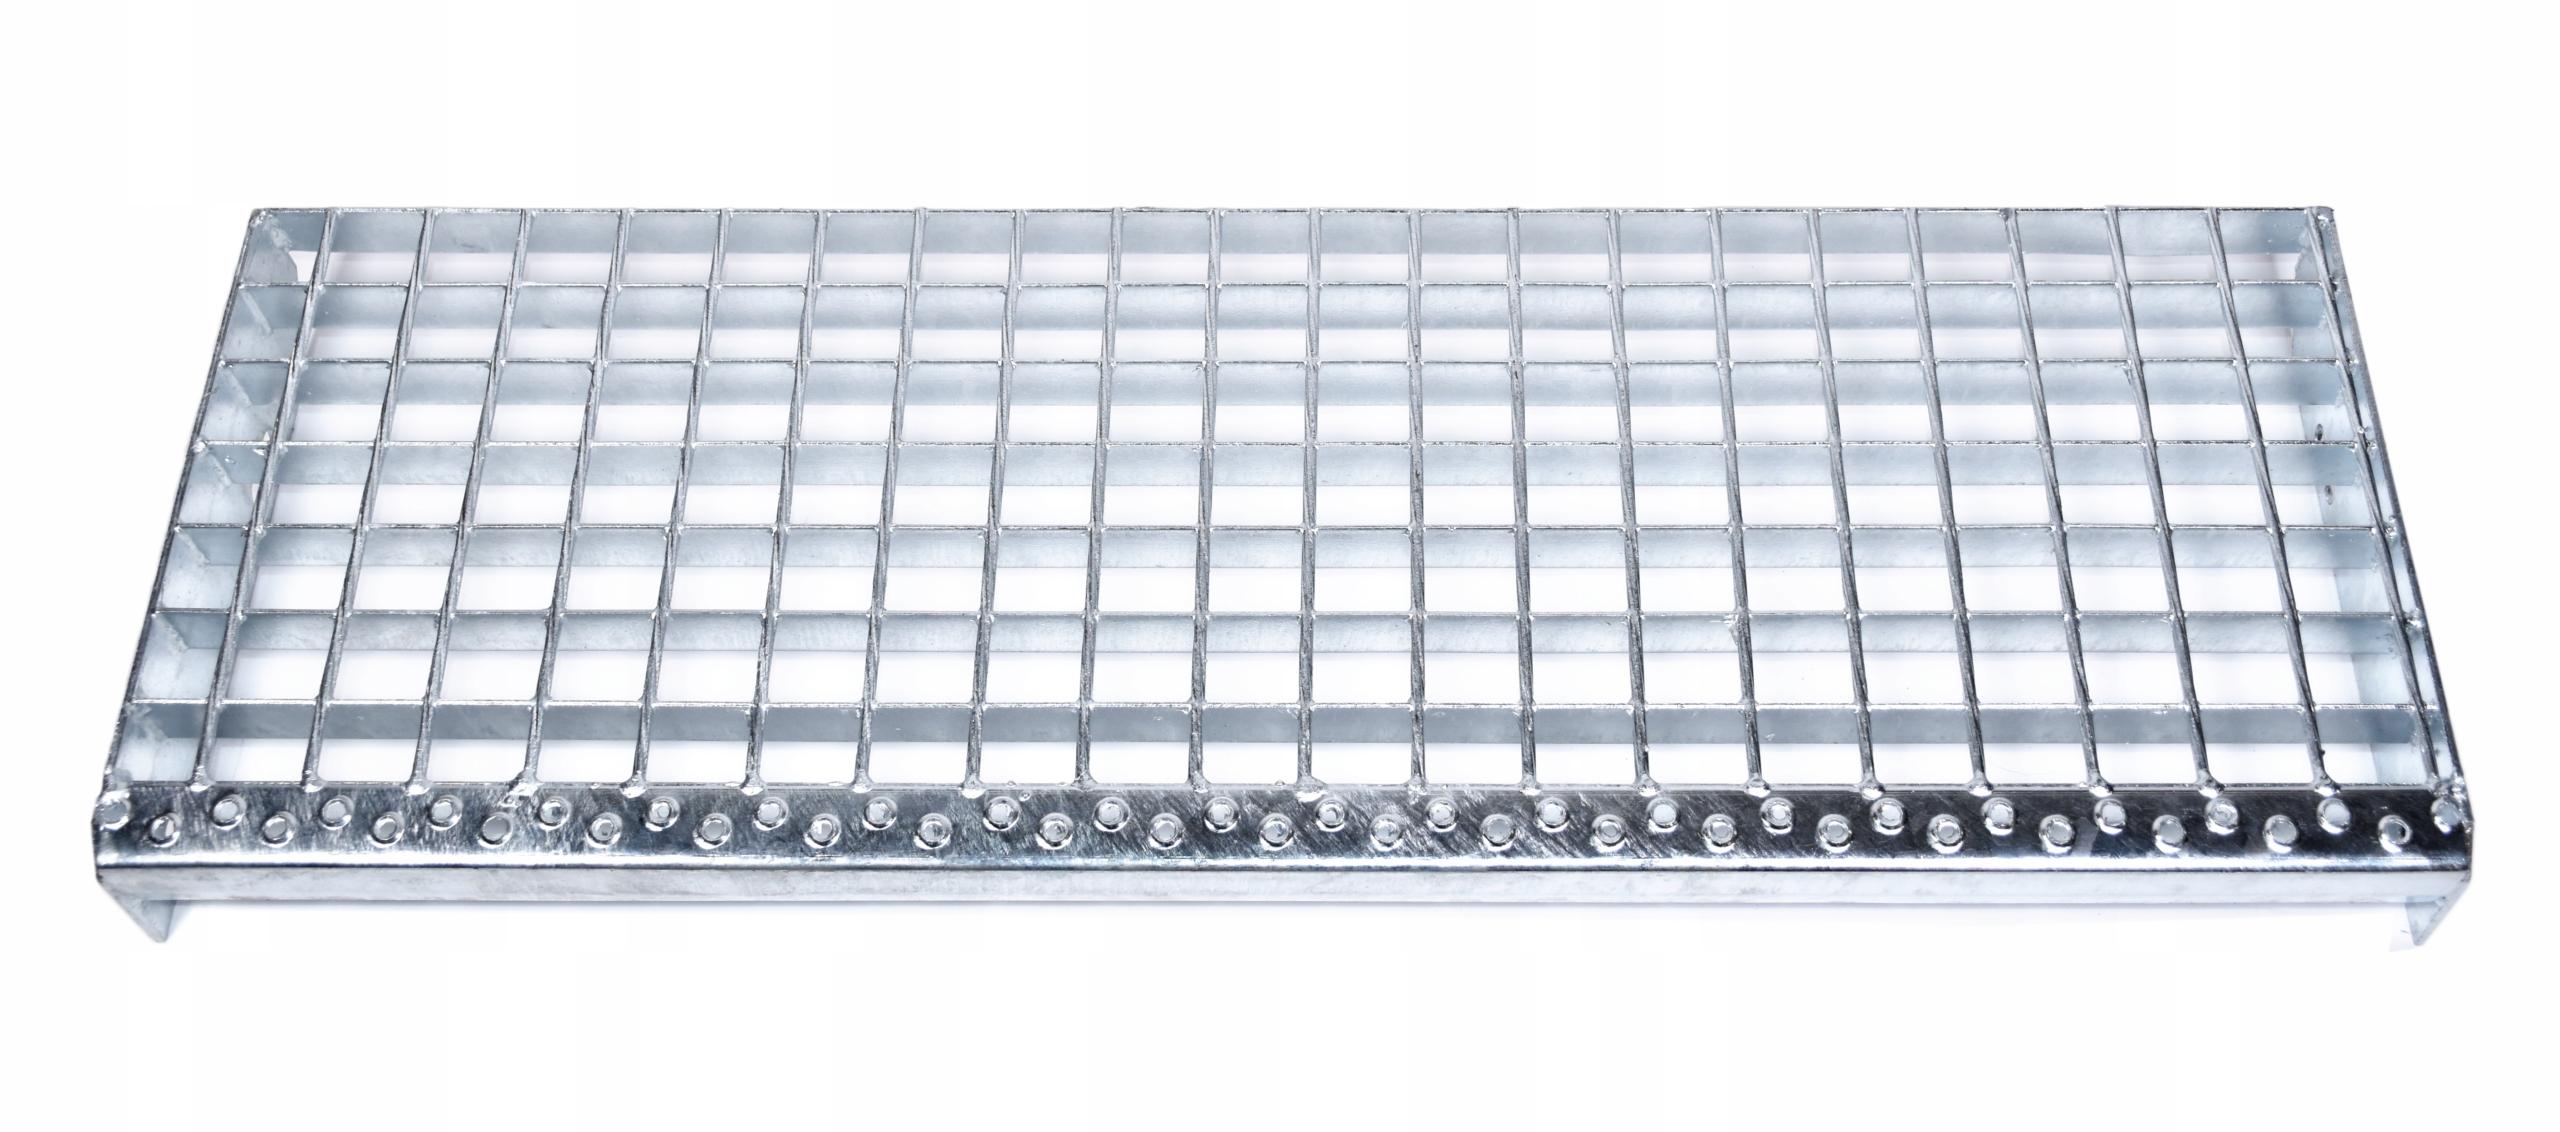 Металлические ступени, решетка 1200х270, внешняя лестница